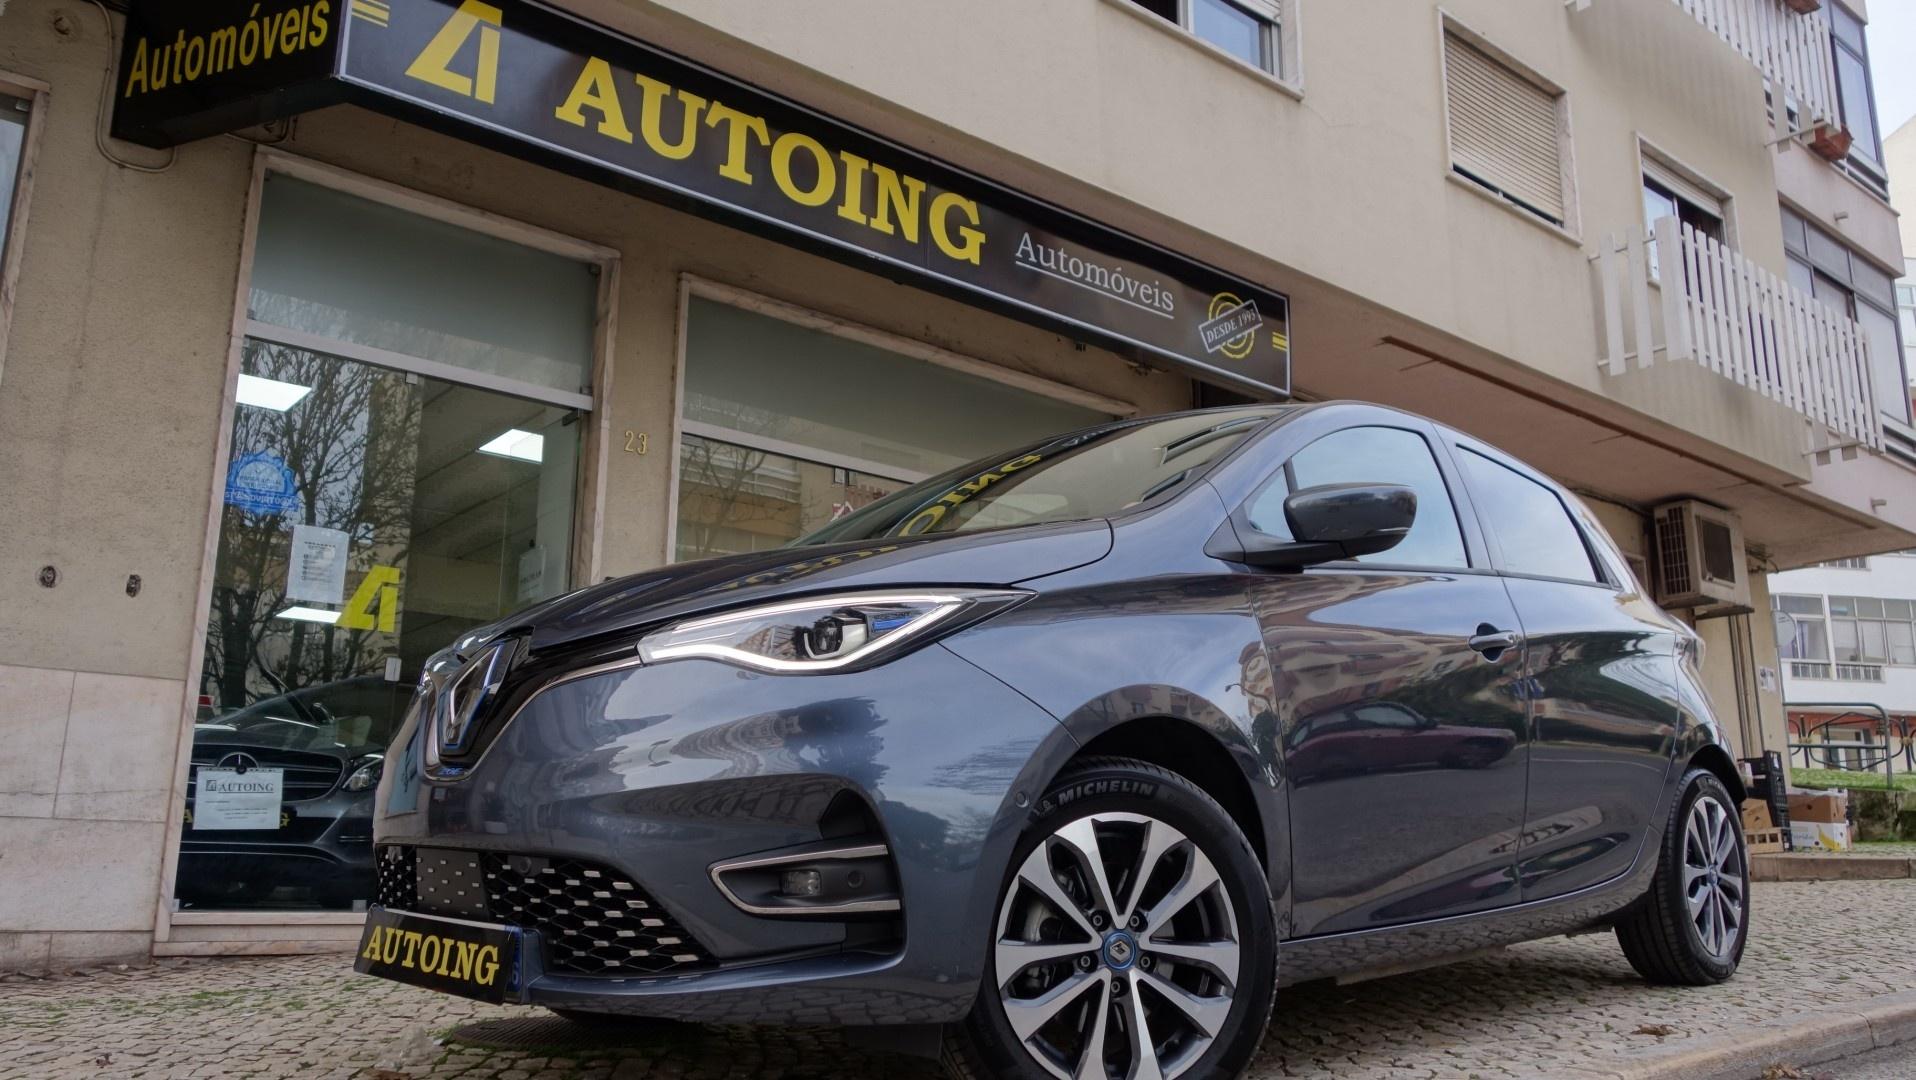 Renault ZOE 50 R135 EXCLUXIVE